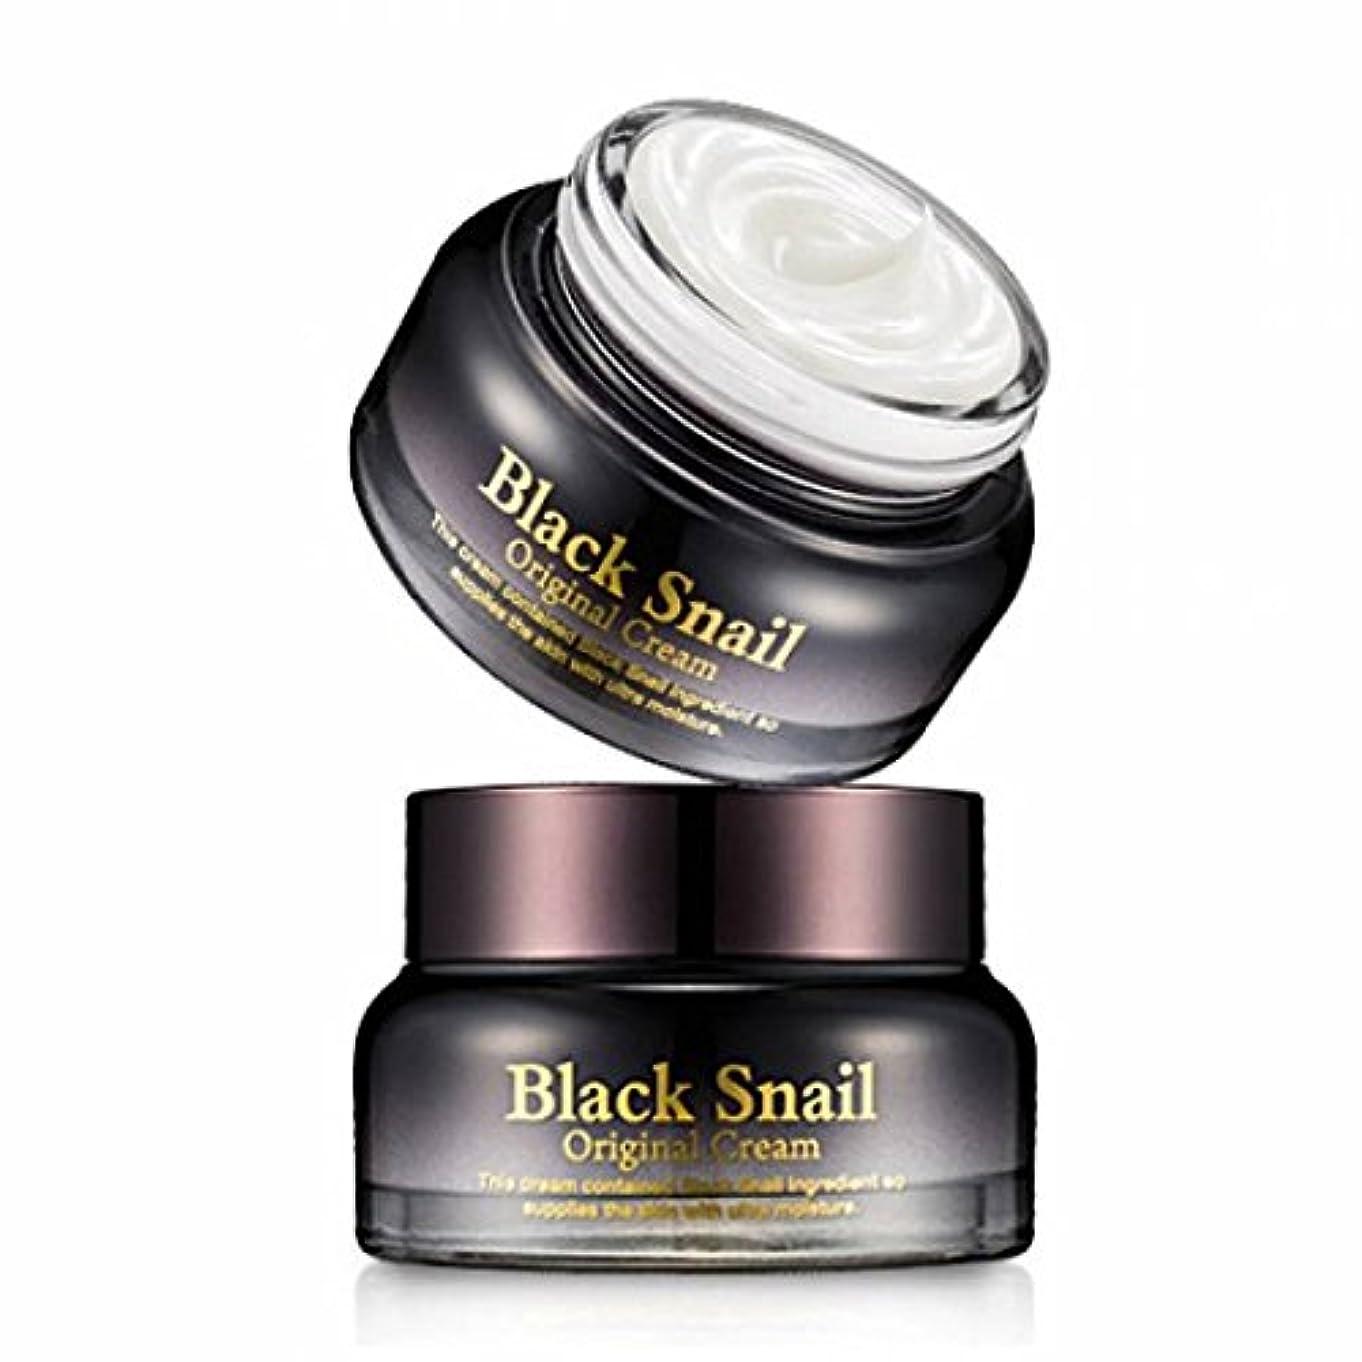 顕微鏡シーンそうでなければシークレットキー [韓国コスメ Secret Key] ブラックスネイル オリジナルクリーム Secret Key Black Snail Original Cream [並行輸入品]